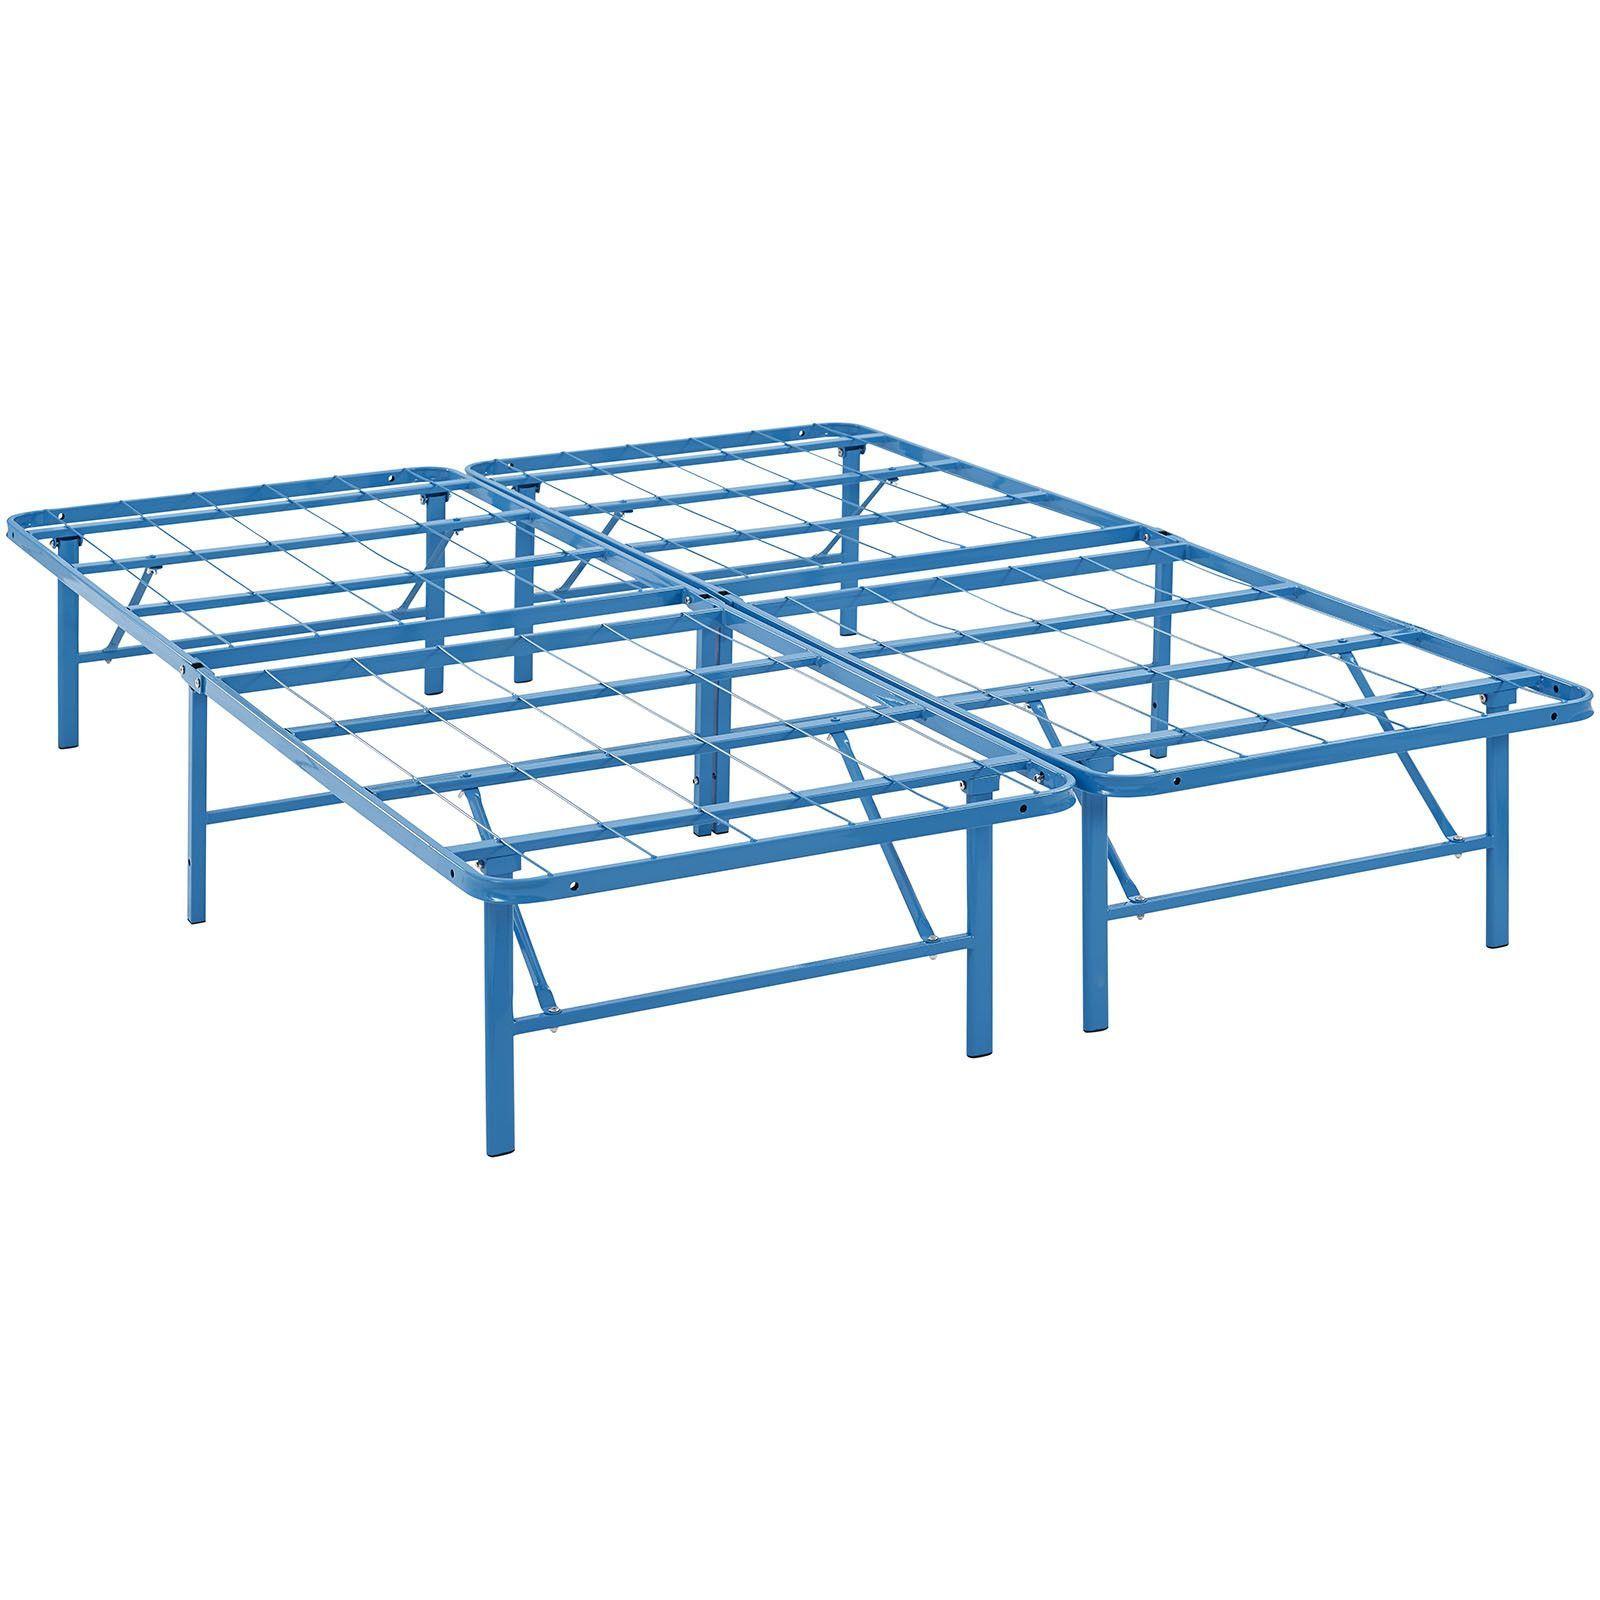 Buy Horizon Full Stainless Steel Bed Frame At Modeldeco